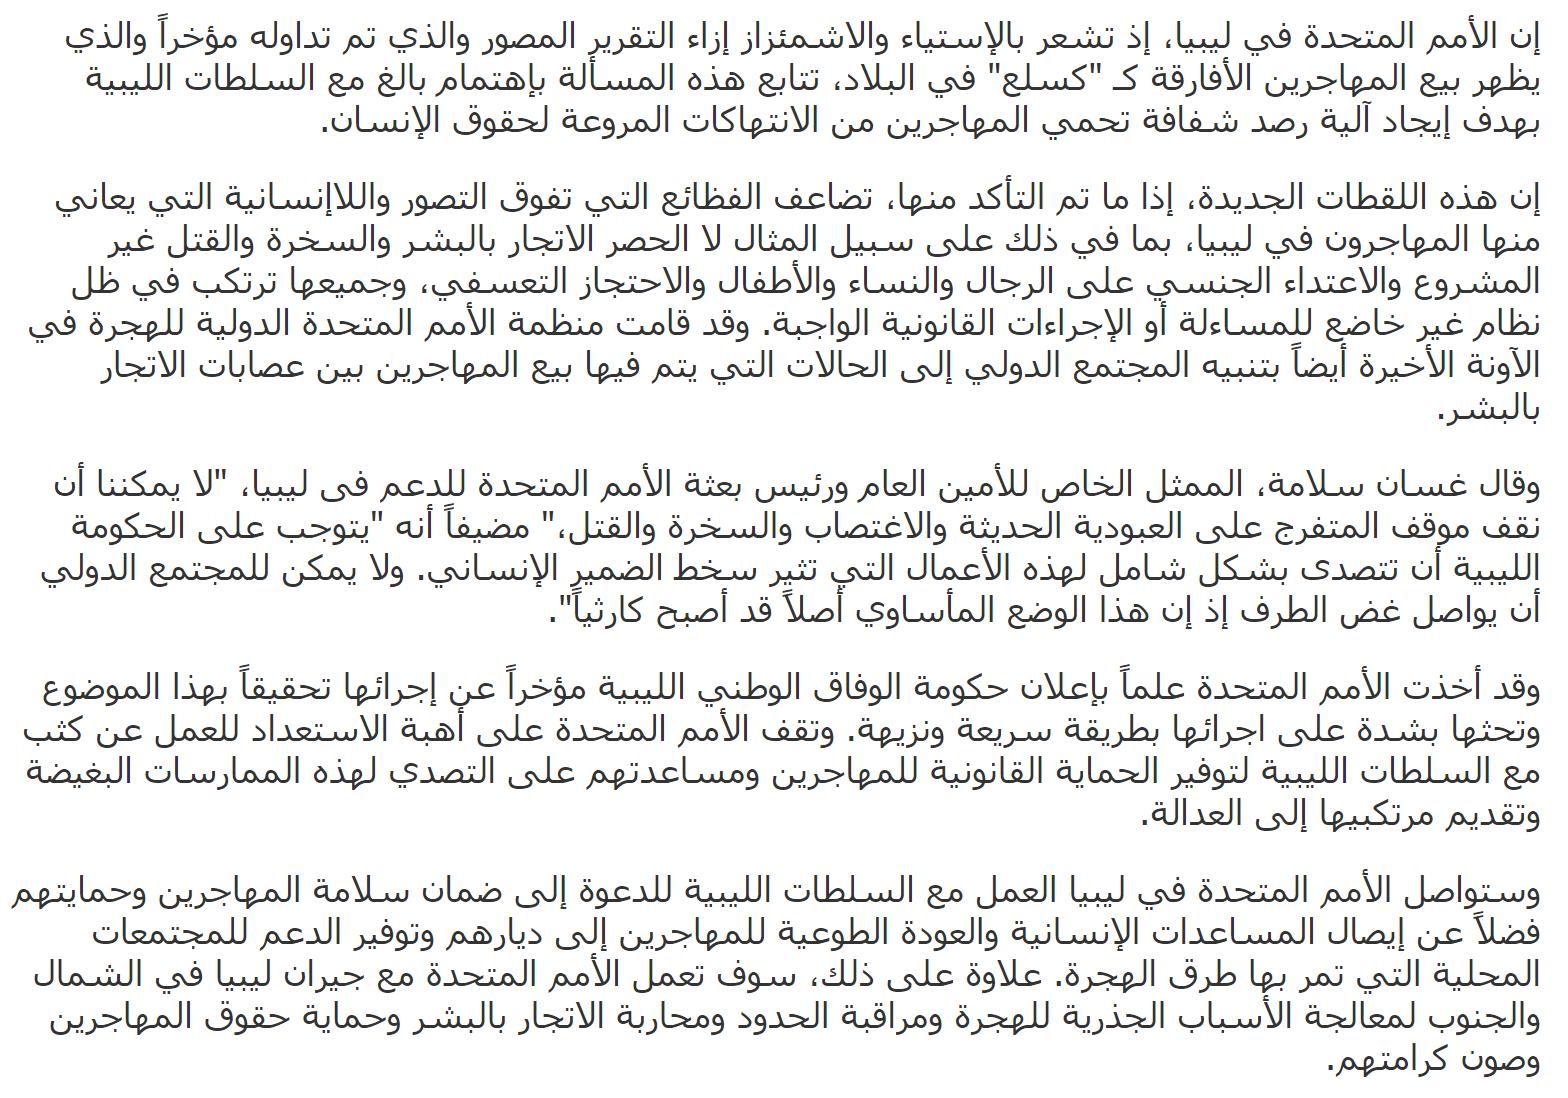 المبعوث الأممي إلى ليبيا يحث السلطات الليبية على سرعة إجراء تحقيق نزيه في تقارير إعلامية صادمة